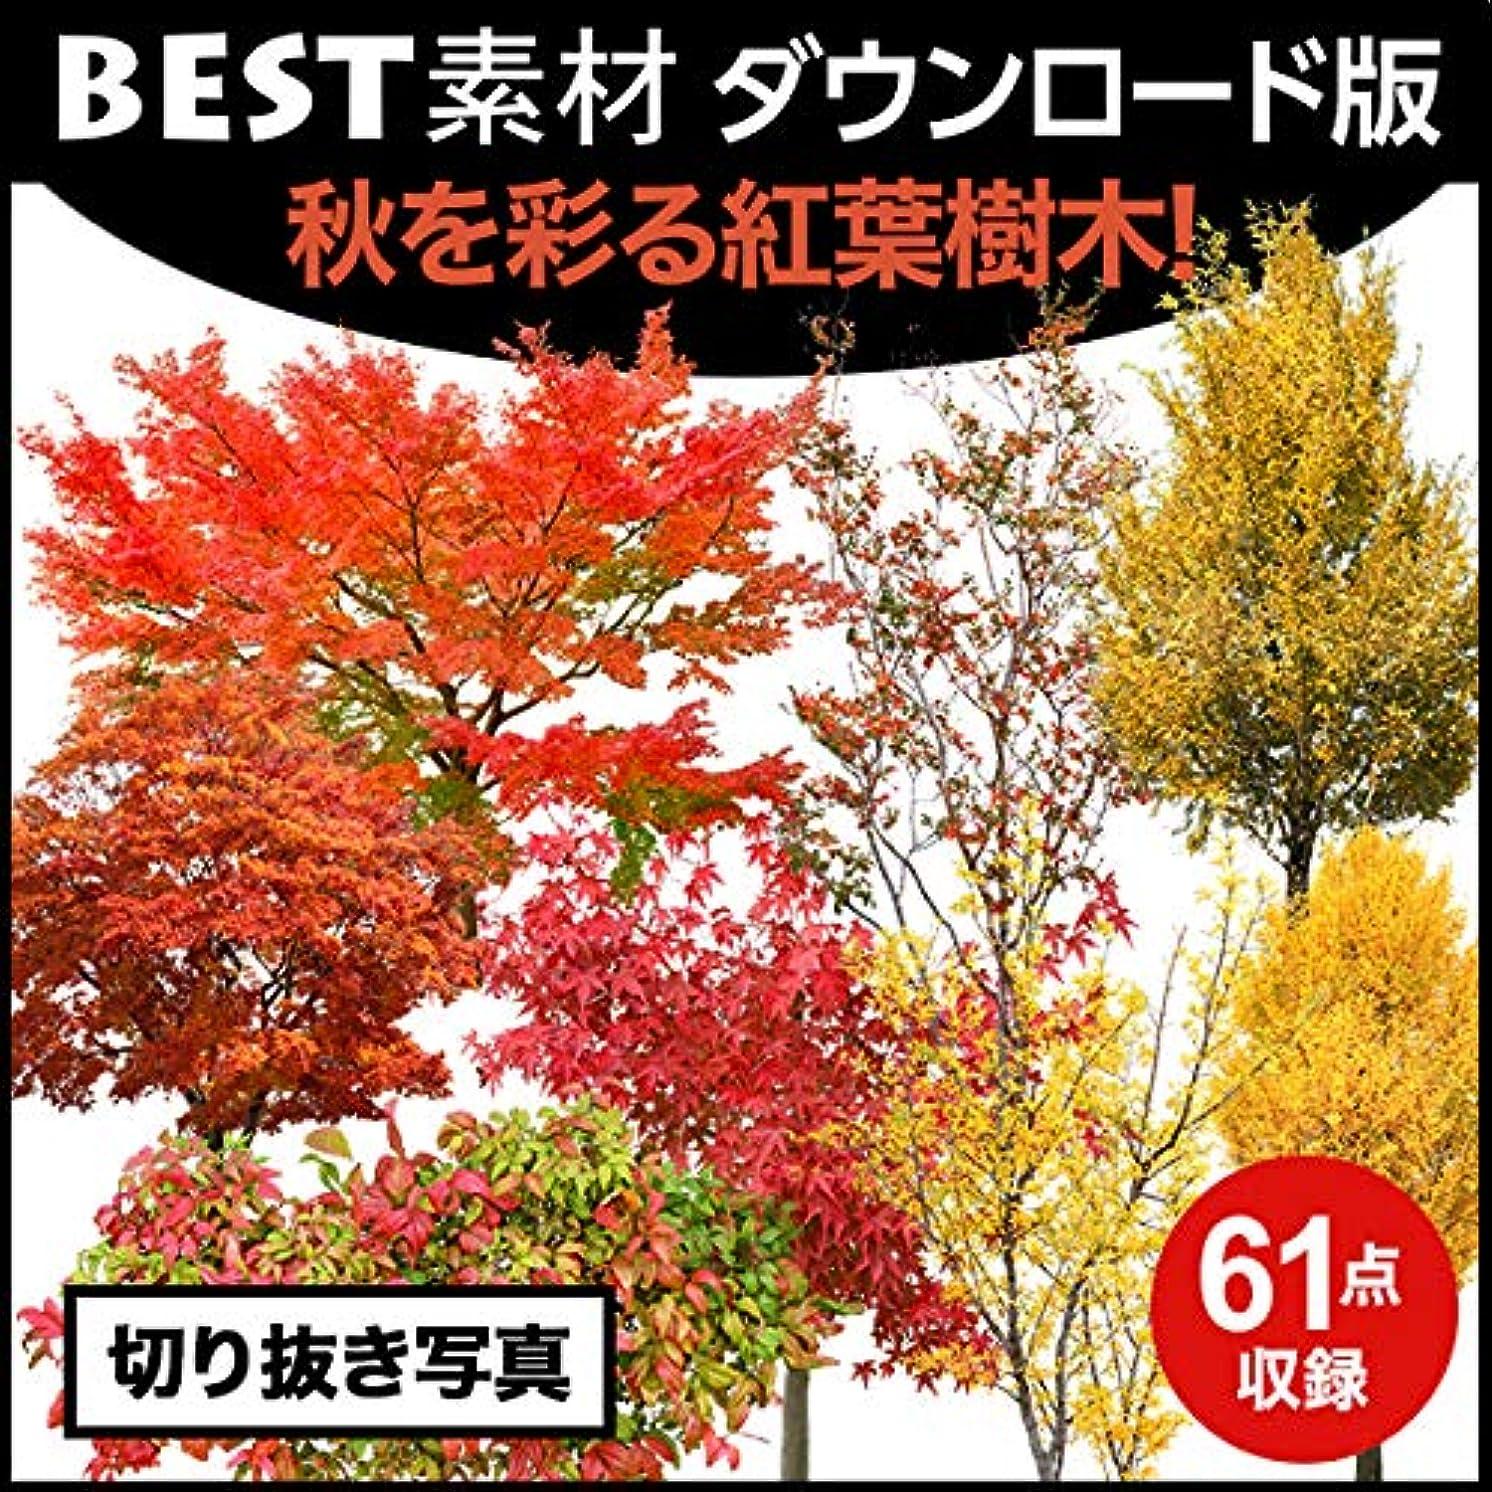 どこか狼扇動する【BEST素材】秋を彩る紅葉樹木|ダウンロード版